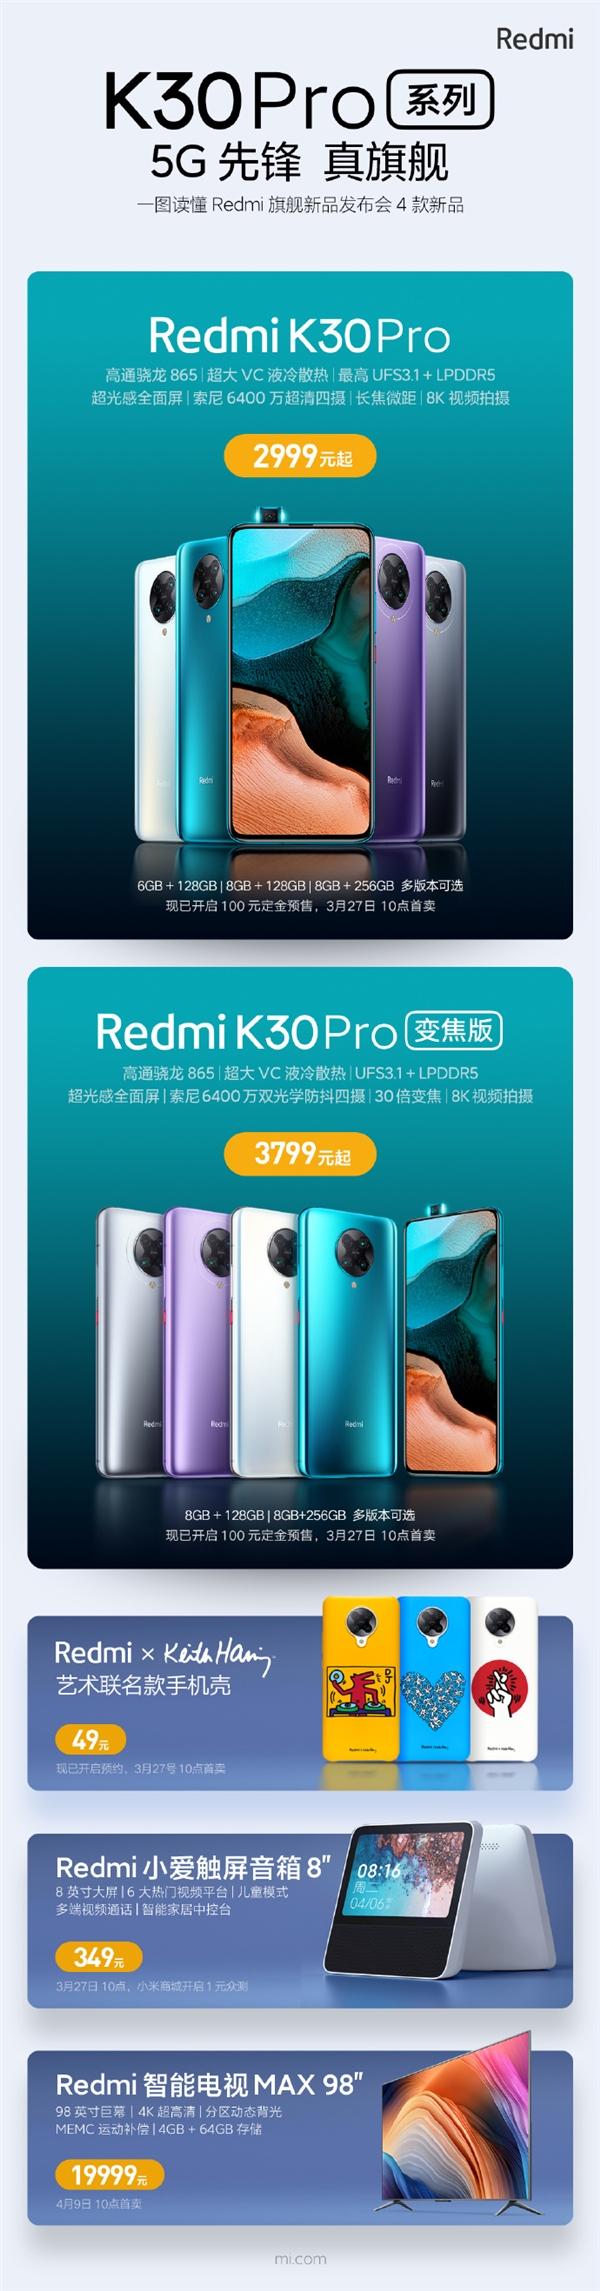 一图读懂Redmi四款旗舰新品:49-19999元